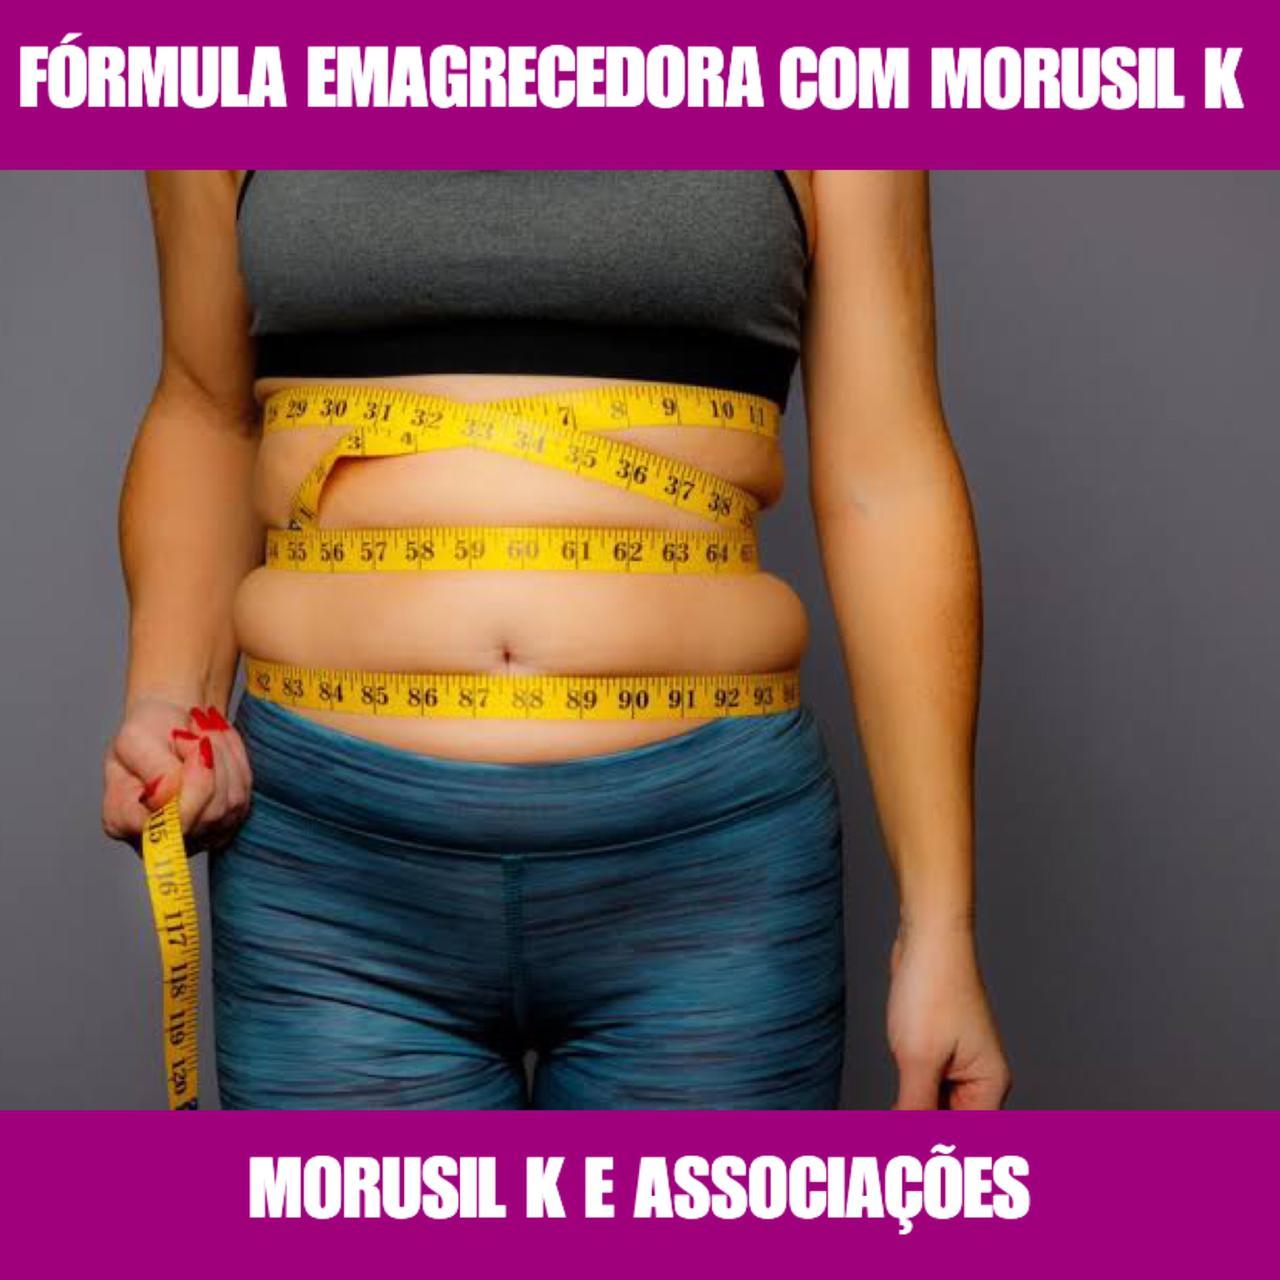 FÓRMULA EMAGRECEDORA COM MORUSIL K